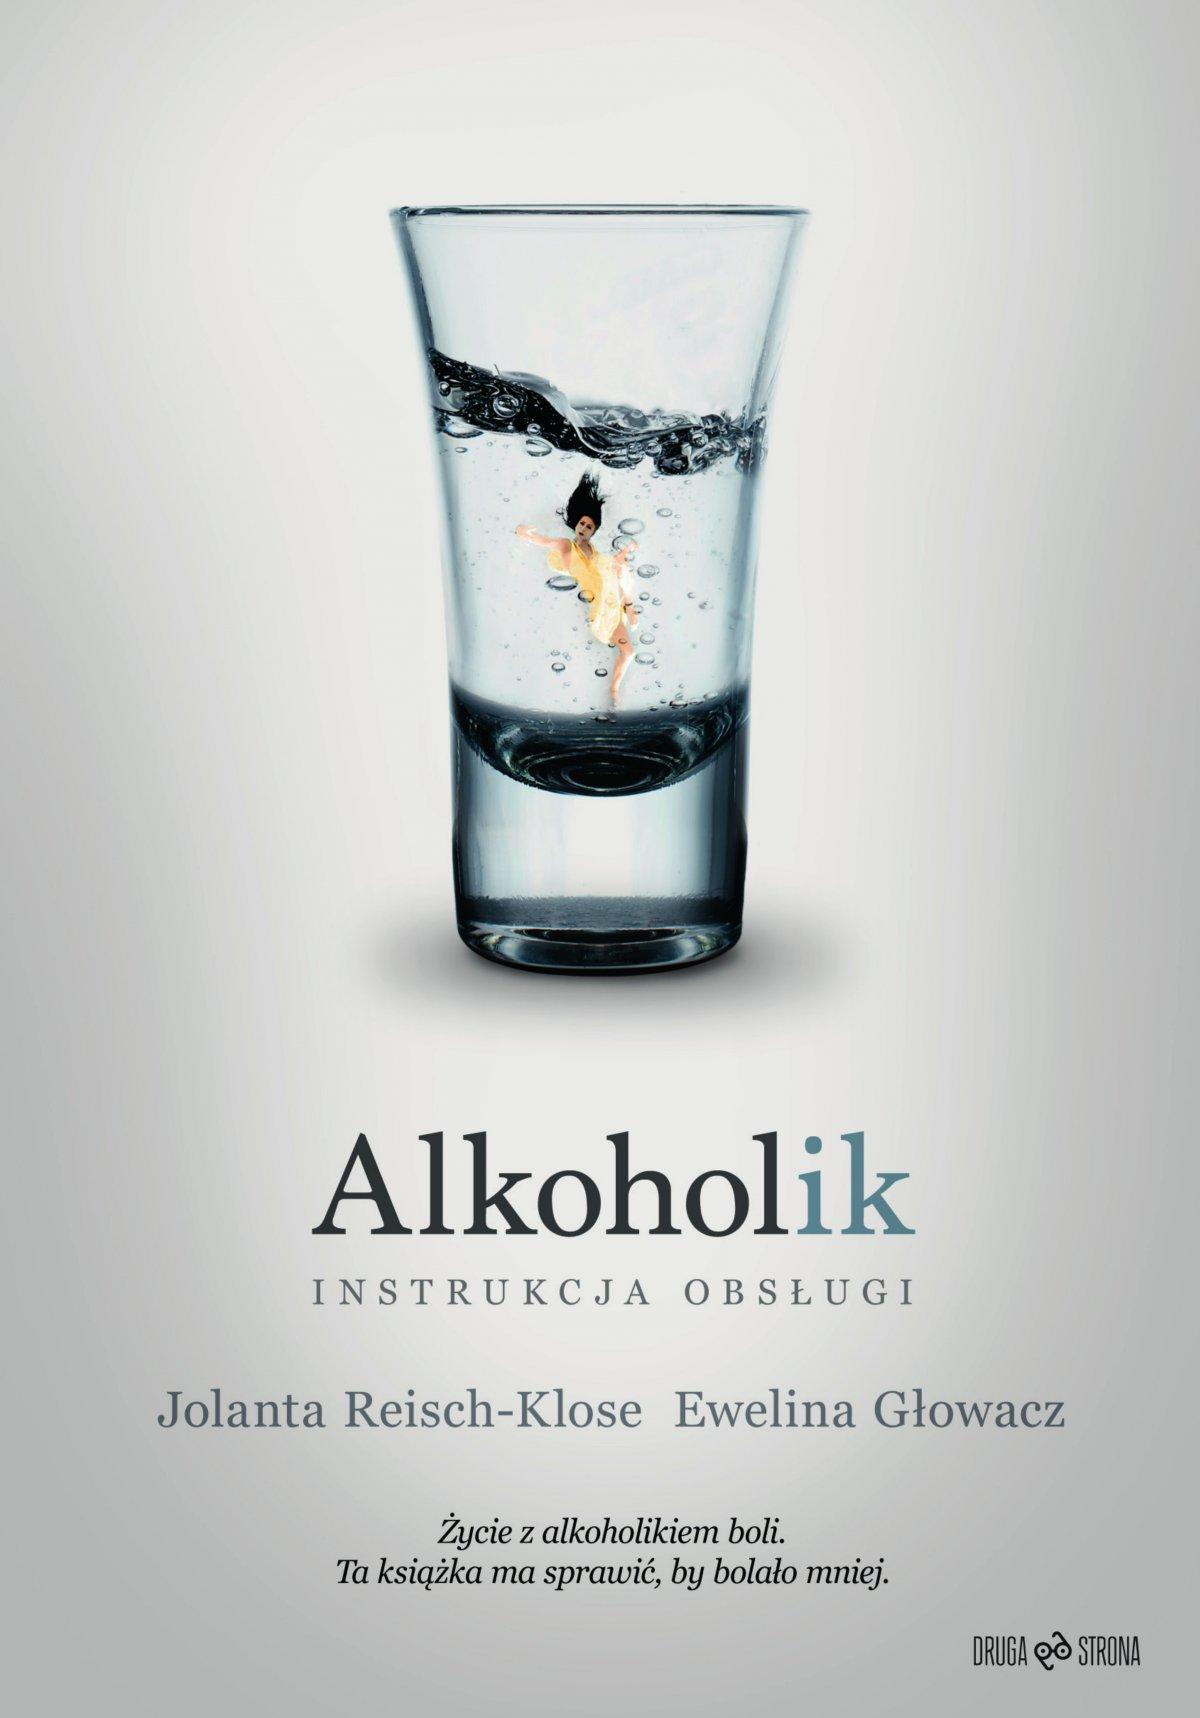 Alkoholik - instrukcja obsługi - Ebook (Książka EPUB) do pobrania w formacie EPUB